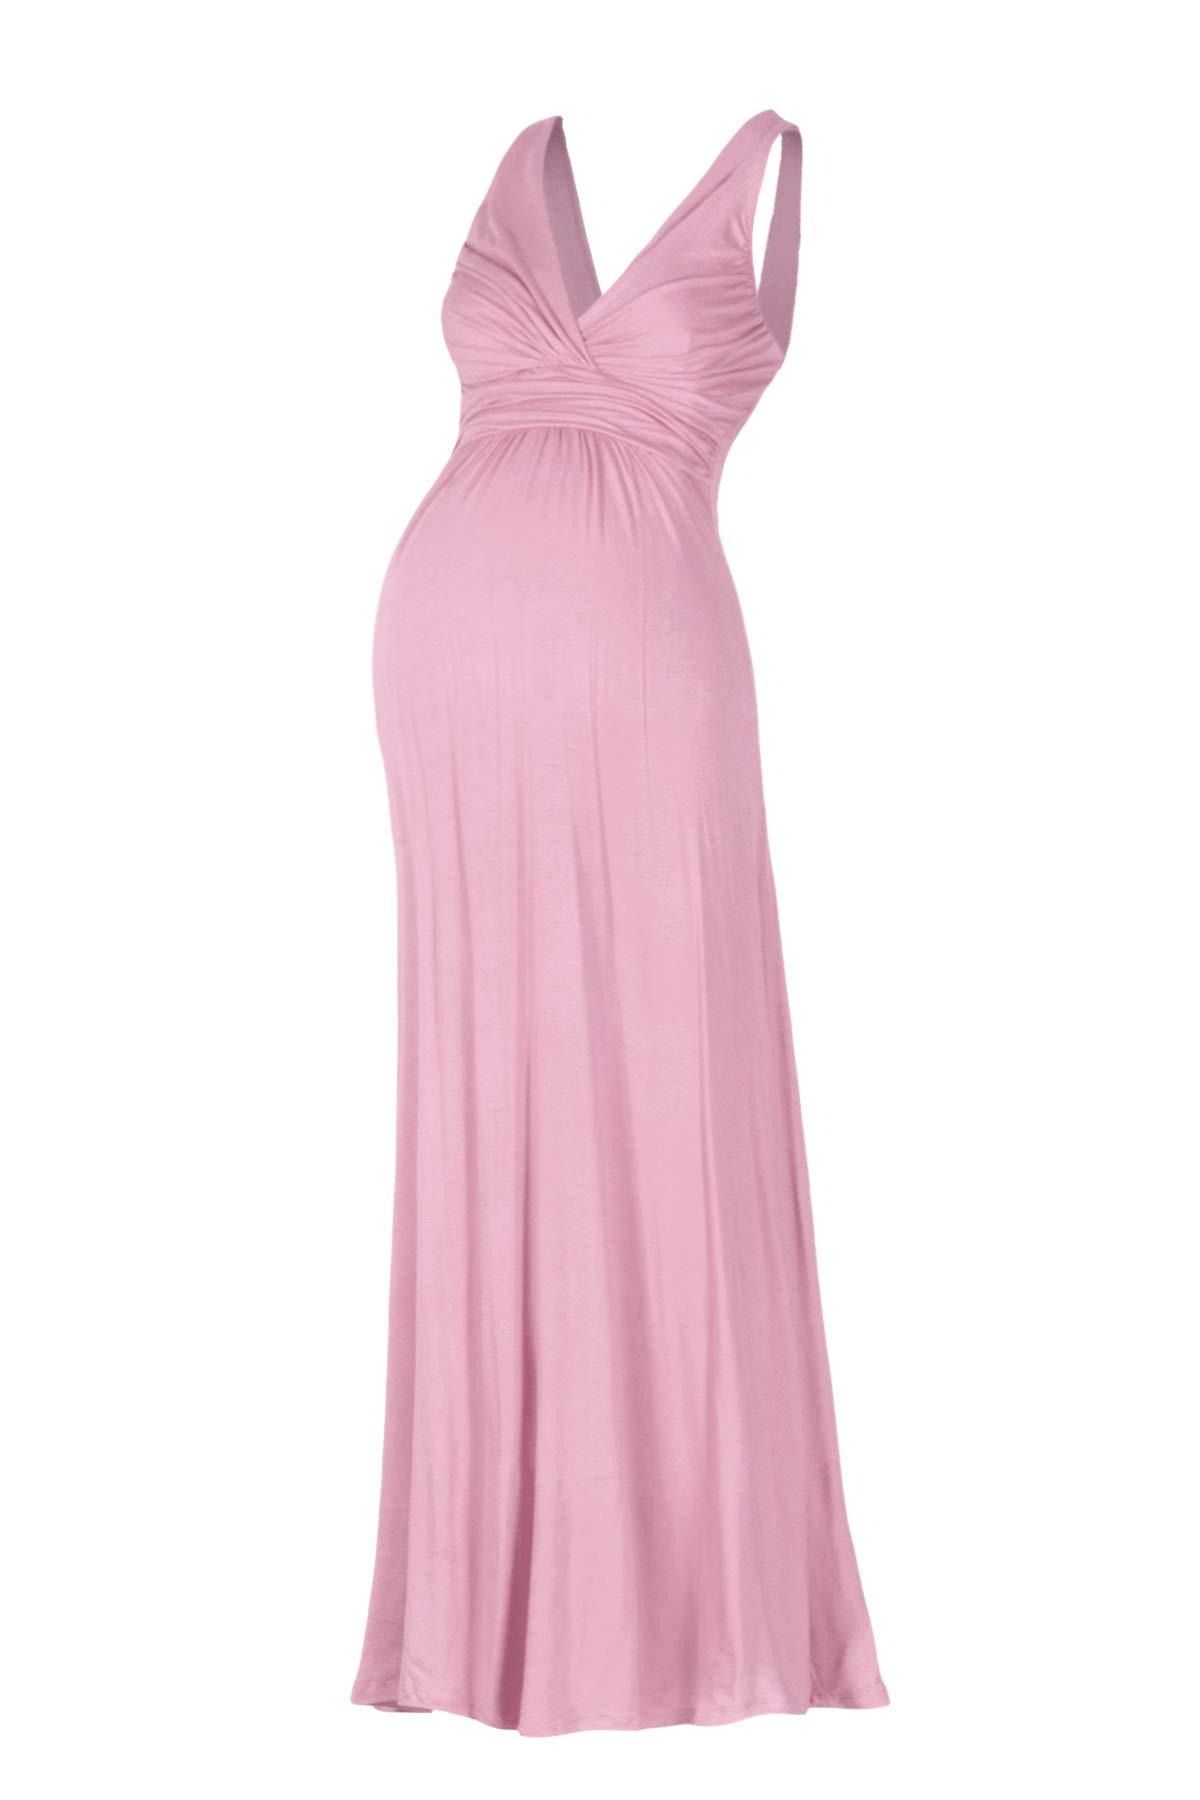 Beachcoco Women's Maternity Sleeveless V Neck Maxi Dress Made in USA (S, Mauve)